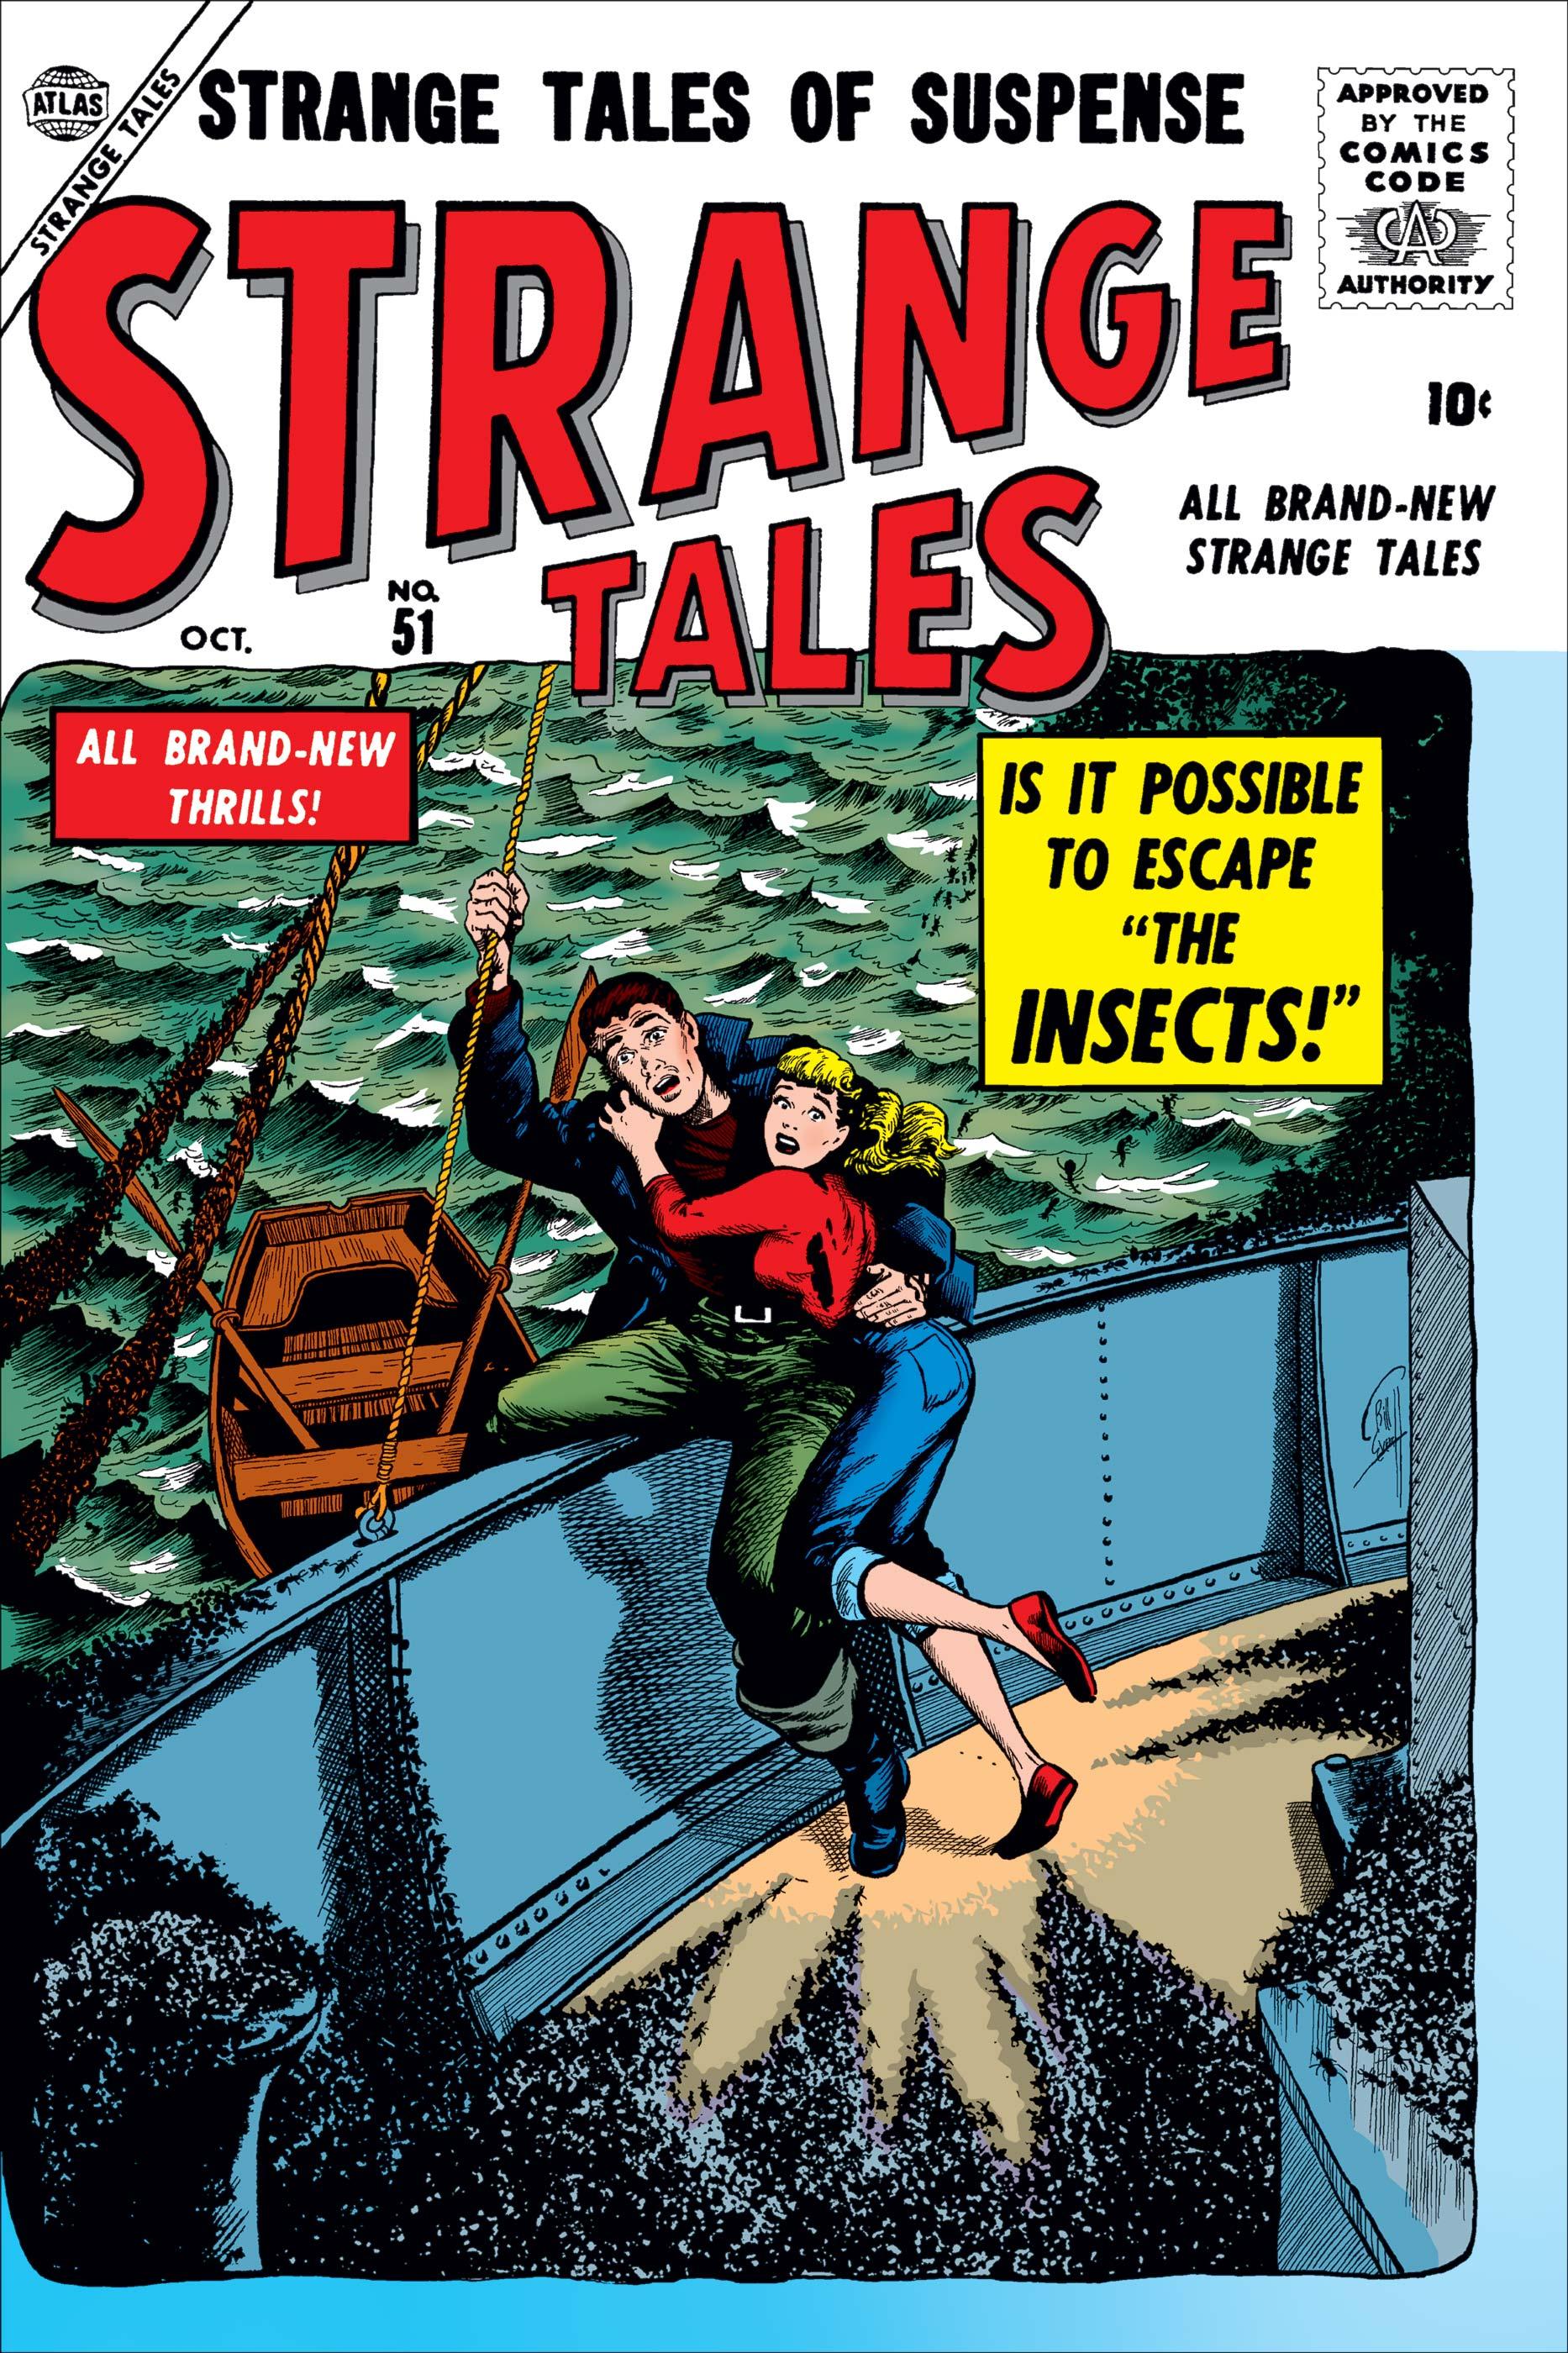 Strange Tales (1951) #51